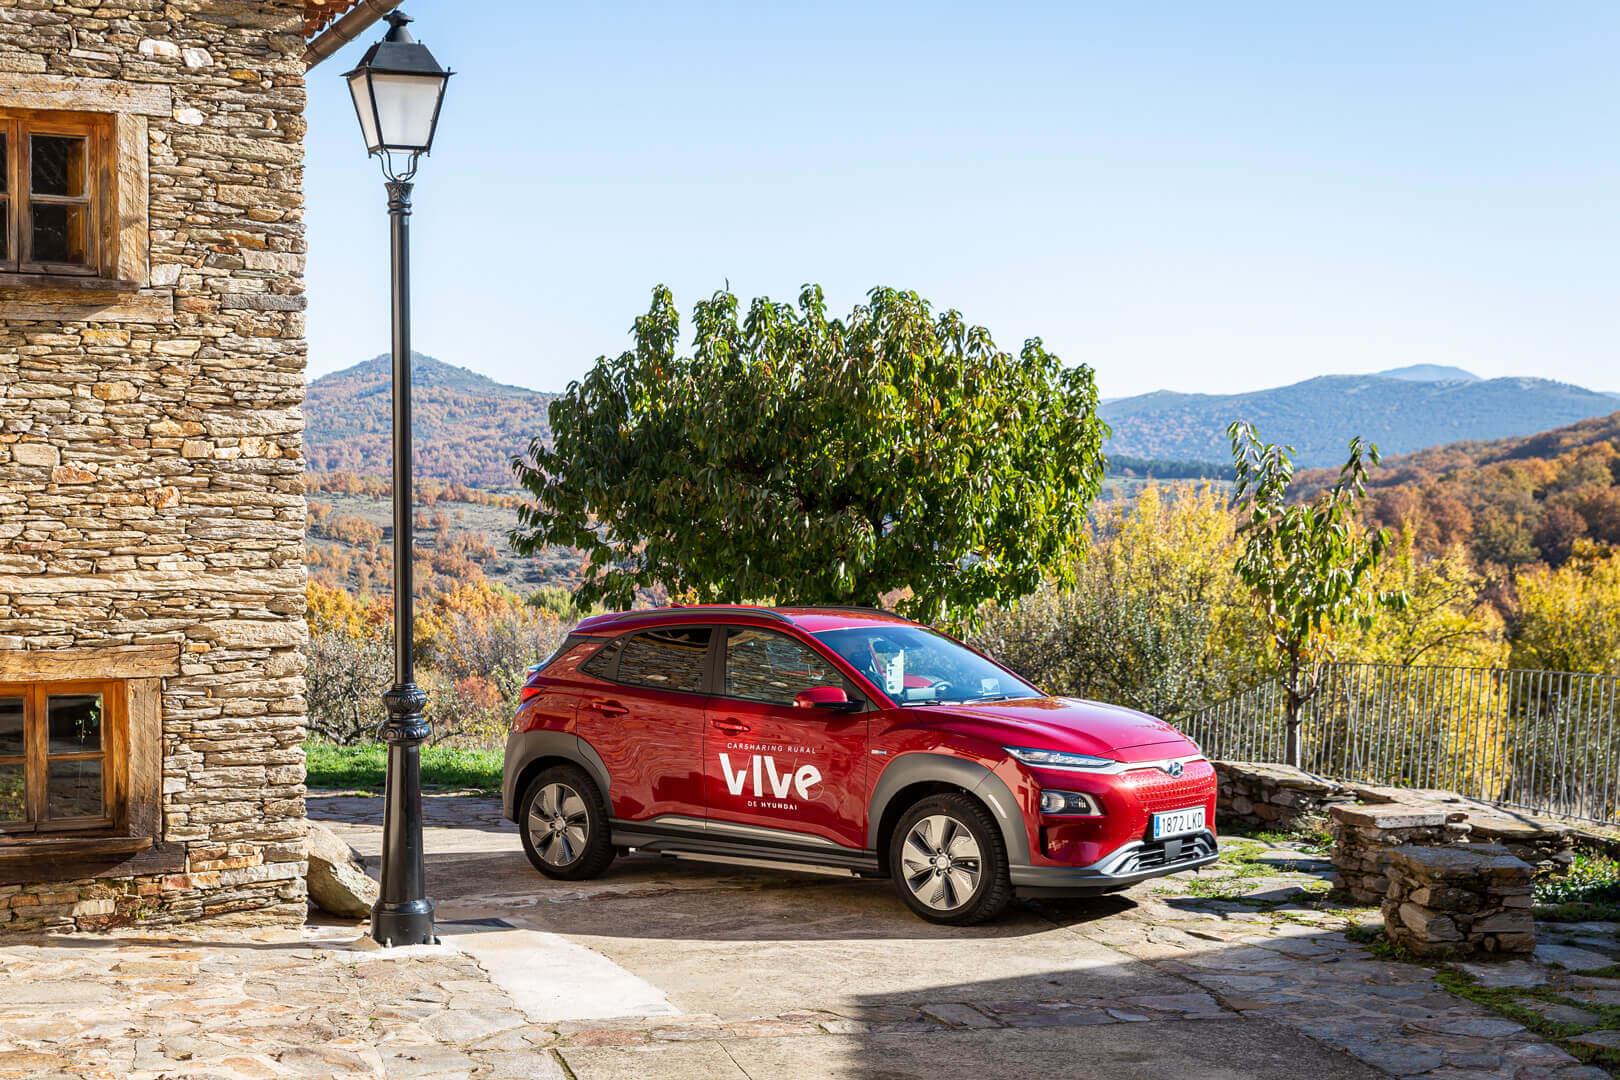 Hyundai расширяет каршеринговый сервис VIVe в сельской местности Испании